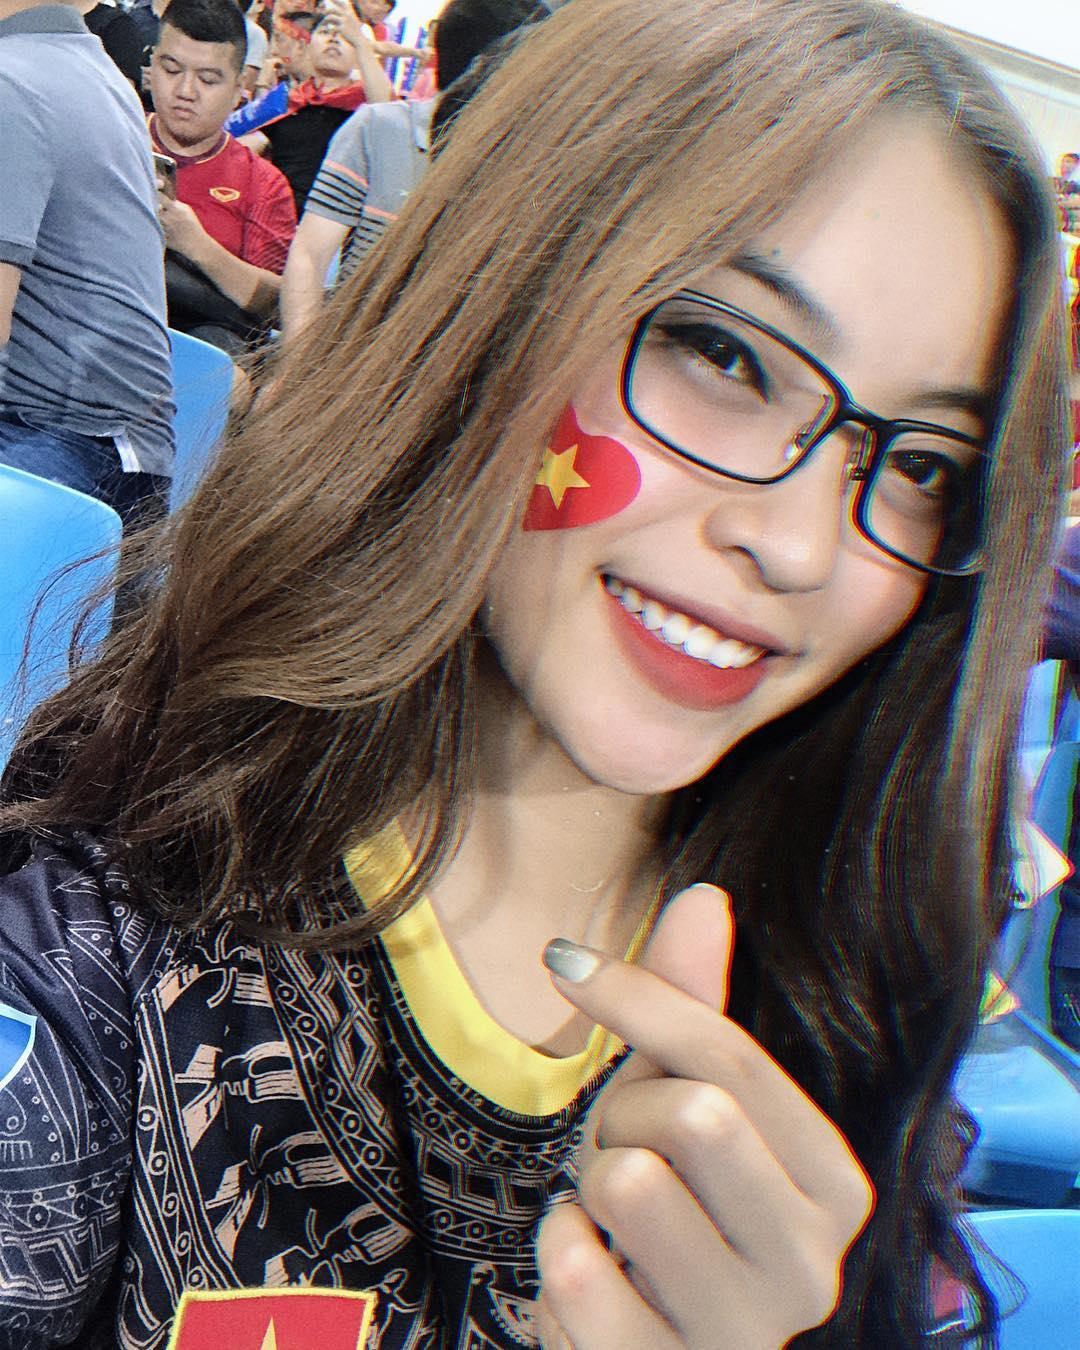 Nhật Lê - bạn gái Quang Hải để mãi một kiểu tóc vẫn xinh, thừa thần thái - Ảnh 11